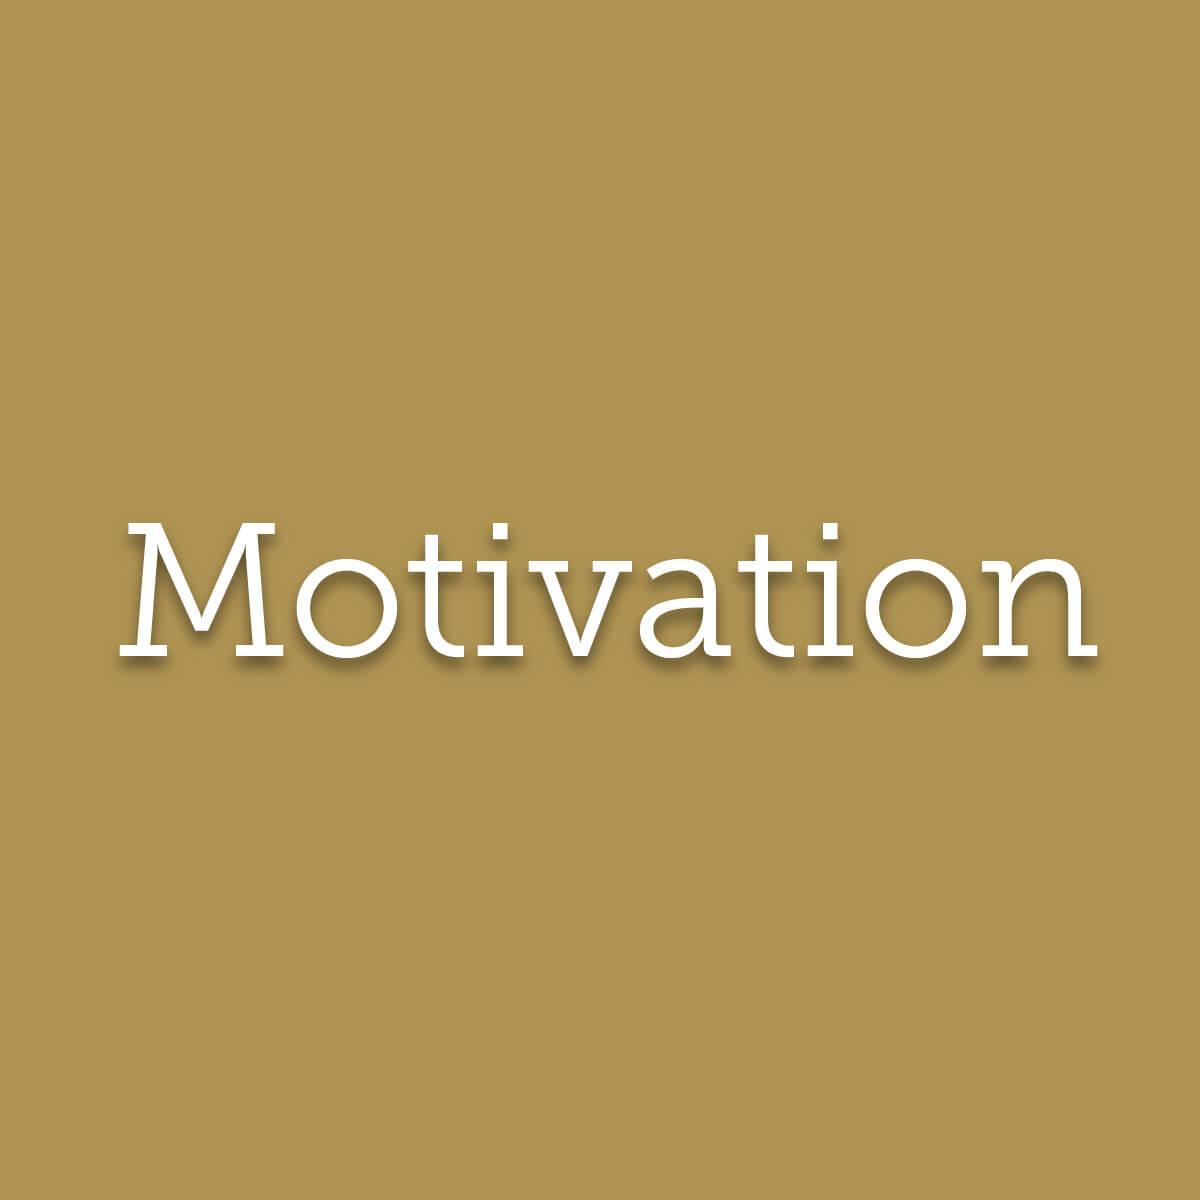 Motivation : moteur émotionnel de l'action, elle donne envie de s'investir et de se dépasser.